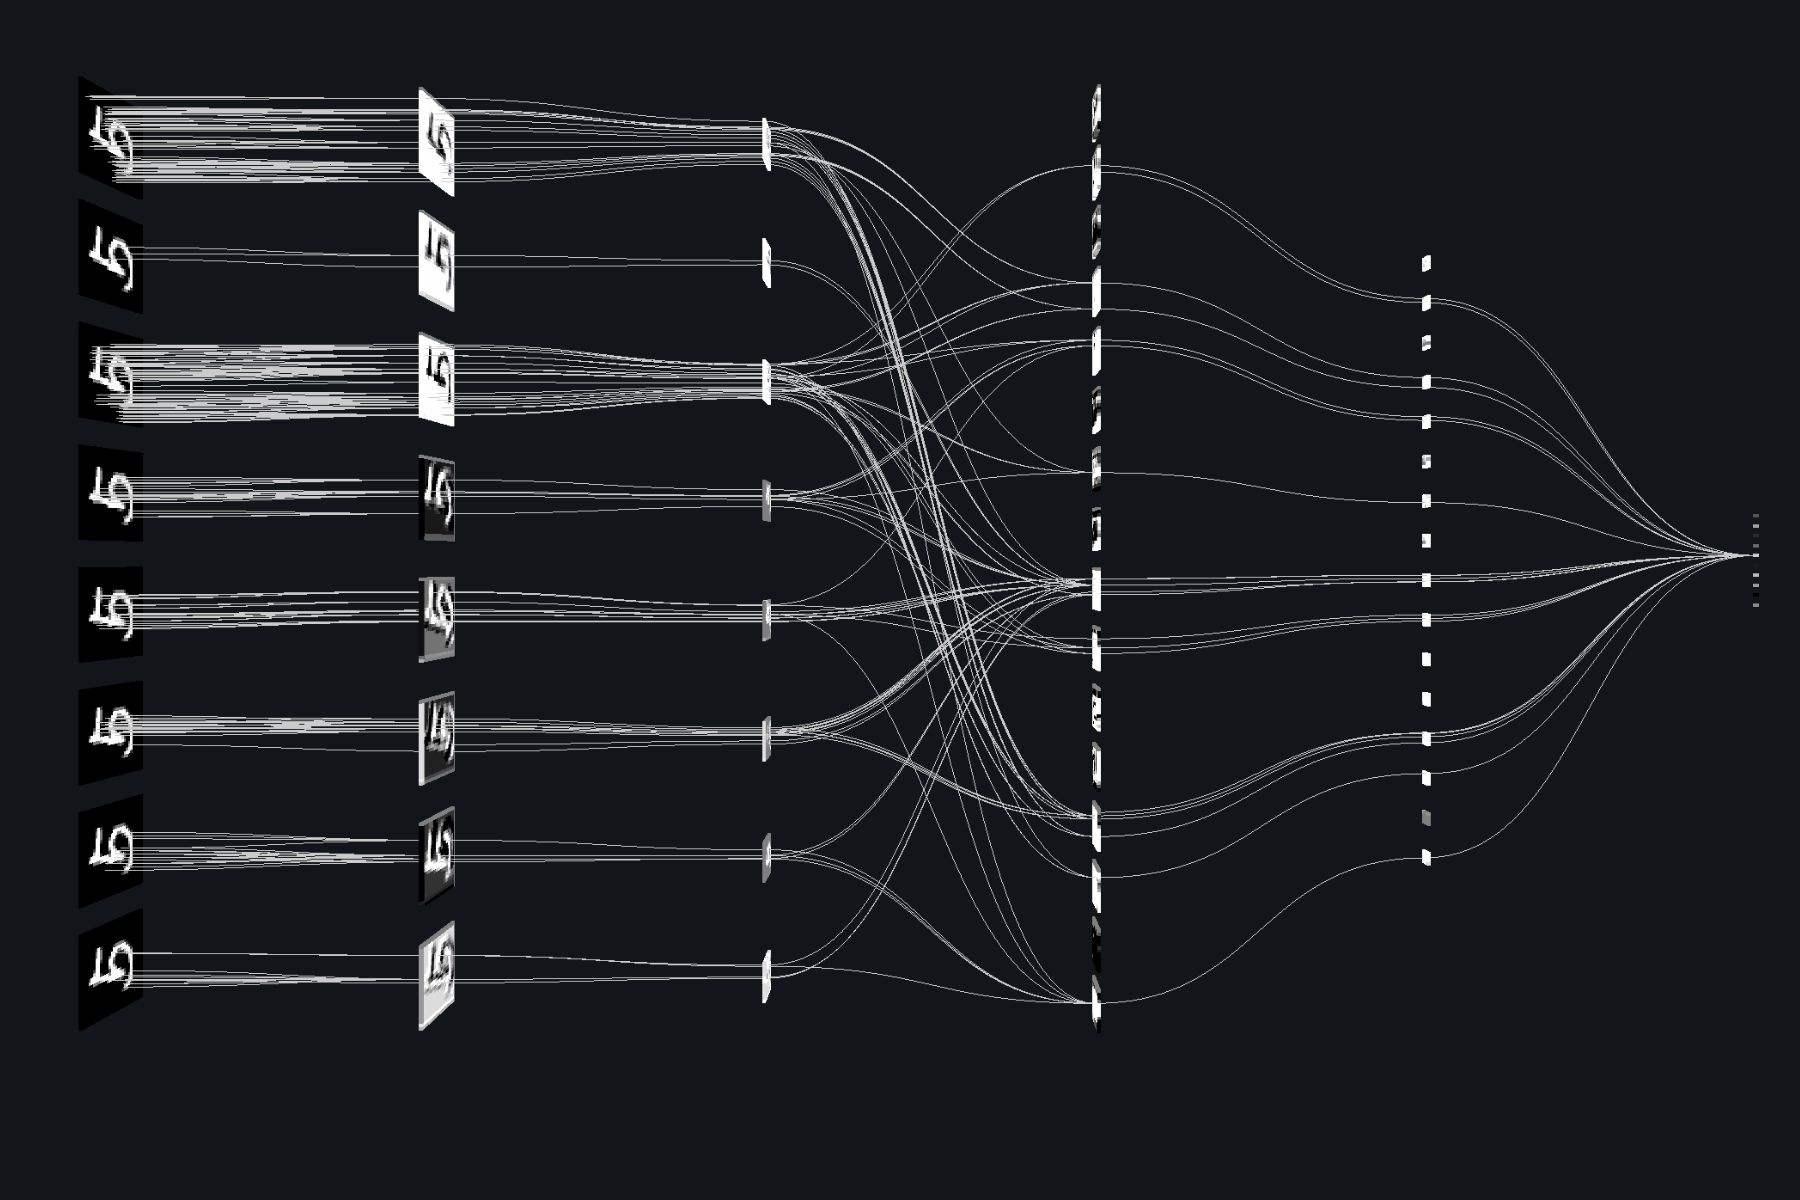 《机器学习》 西瓜书习题 第 5 章: 神经网络